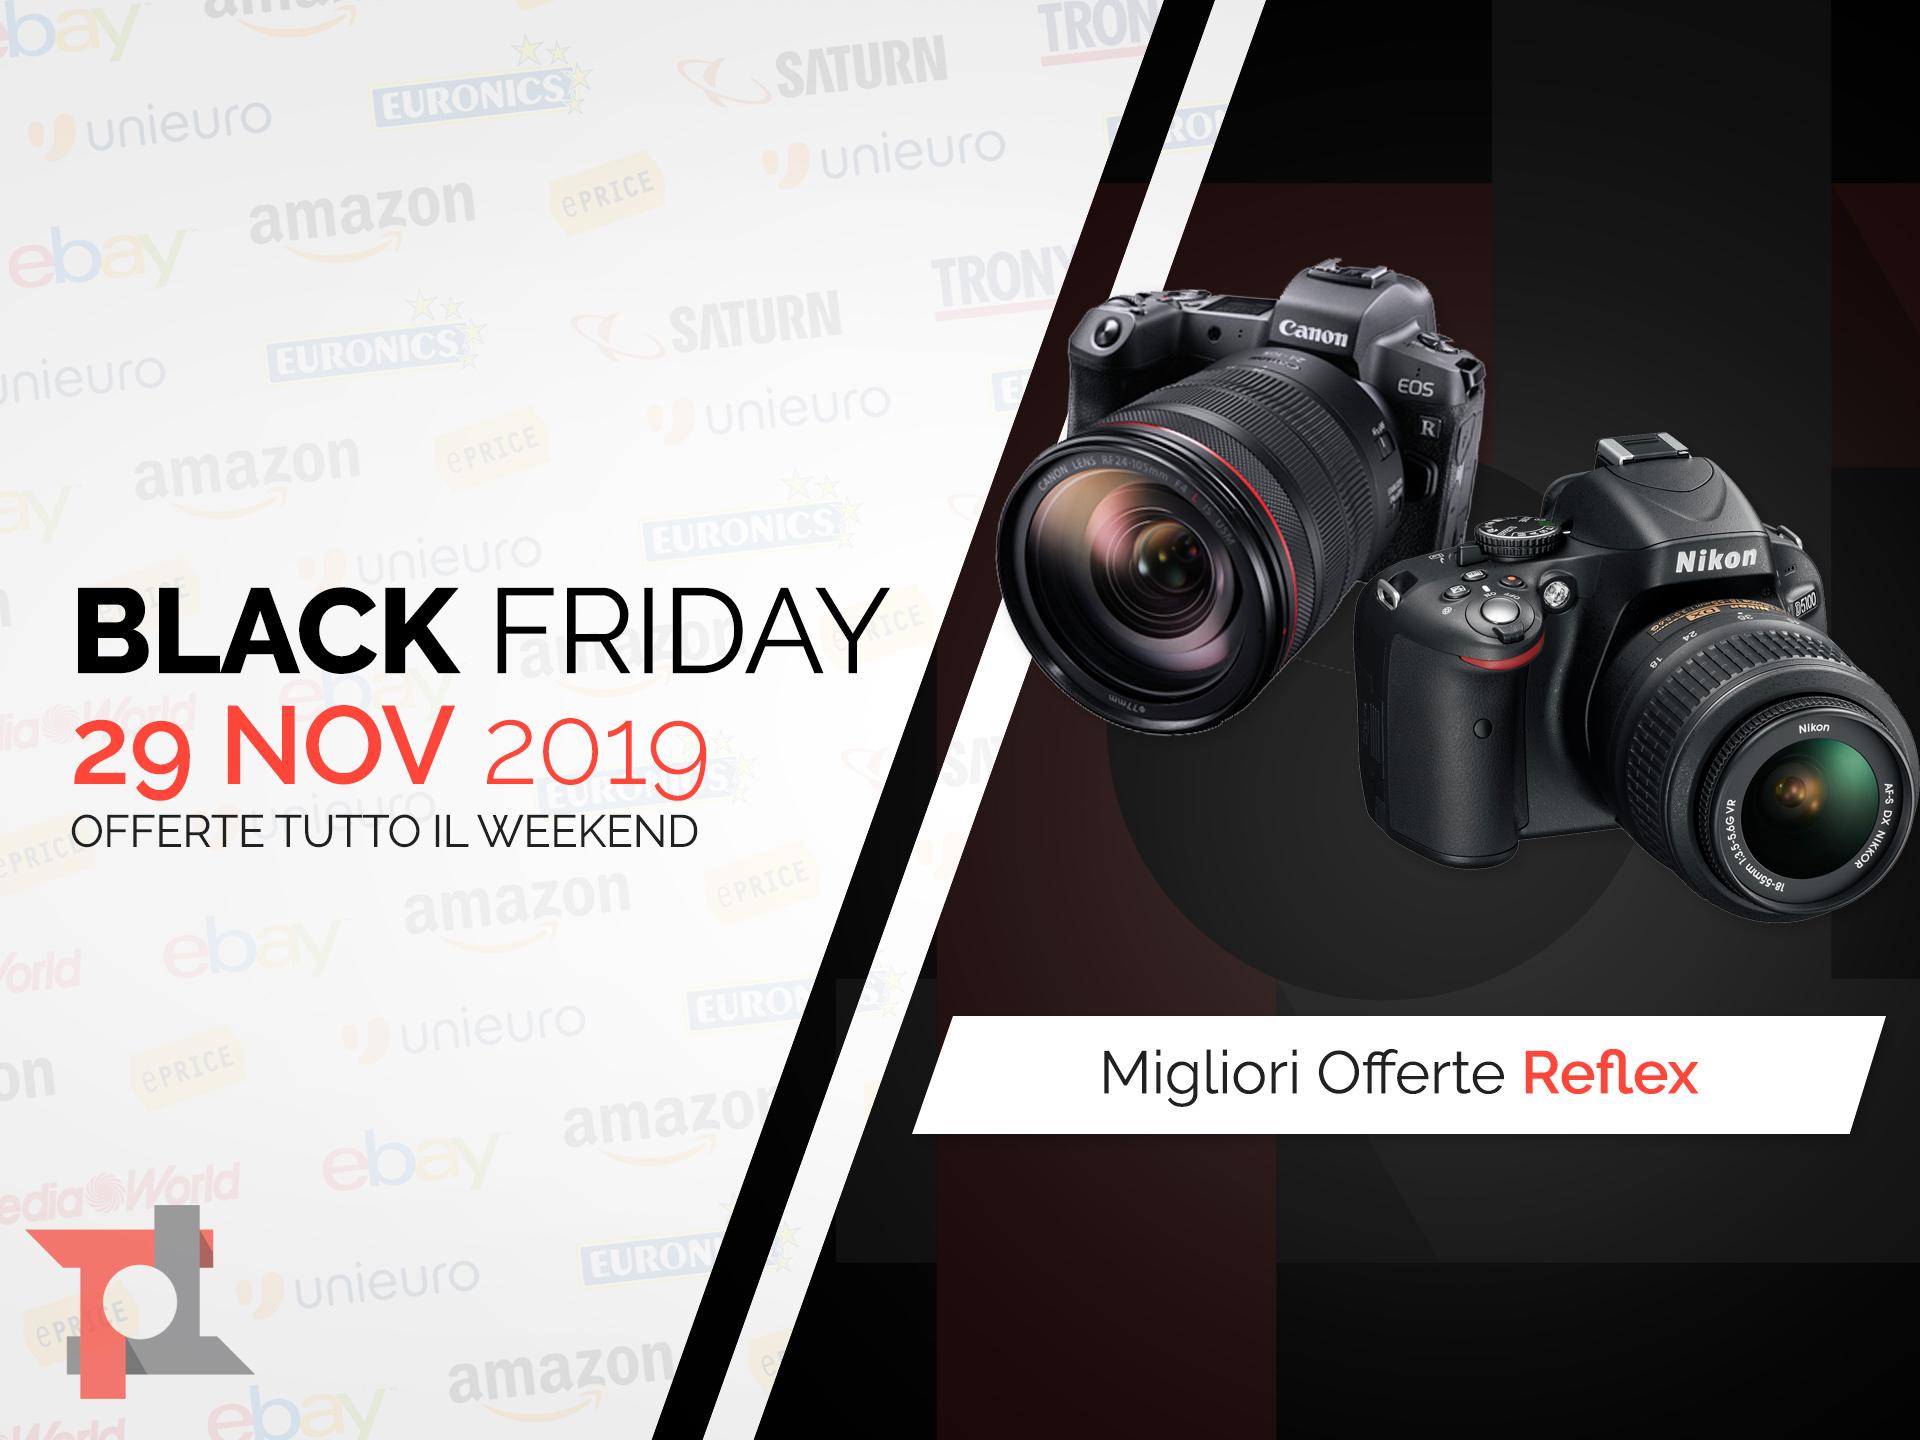 Reflex Black Friday: le migliori offerte in tempo reale ...